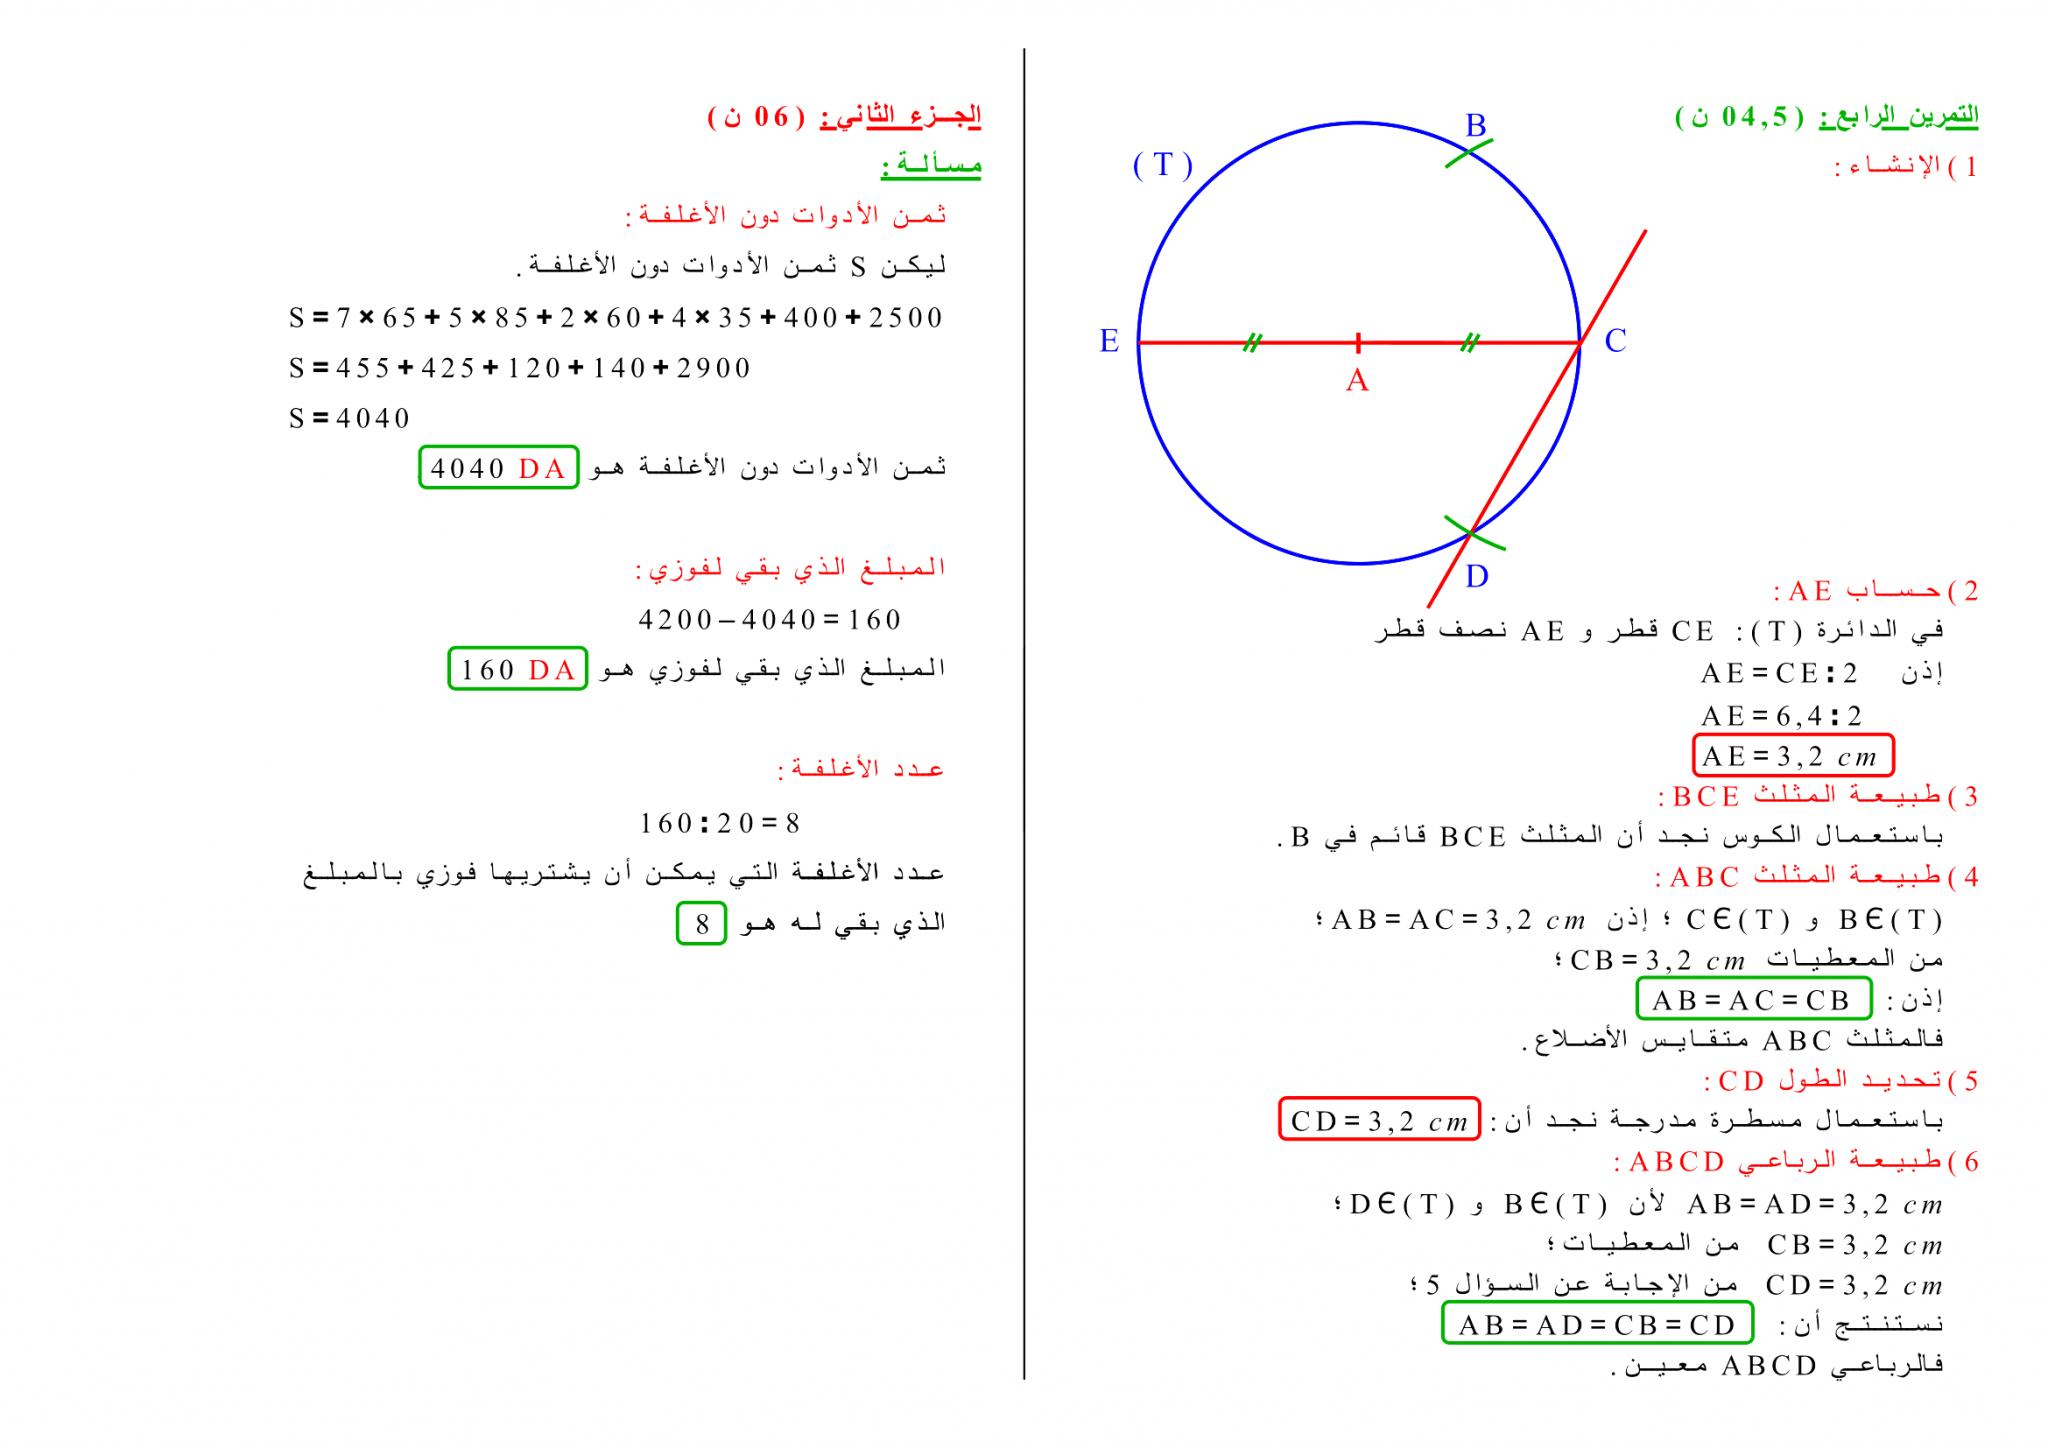 1am Exams Math فروض و اختبارات السنة أولى متوسط مادة الرياضيات الفصل الأول 2019 2020 النموذج 02 Math Chart Map